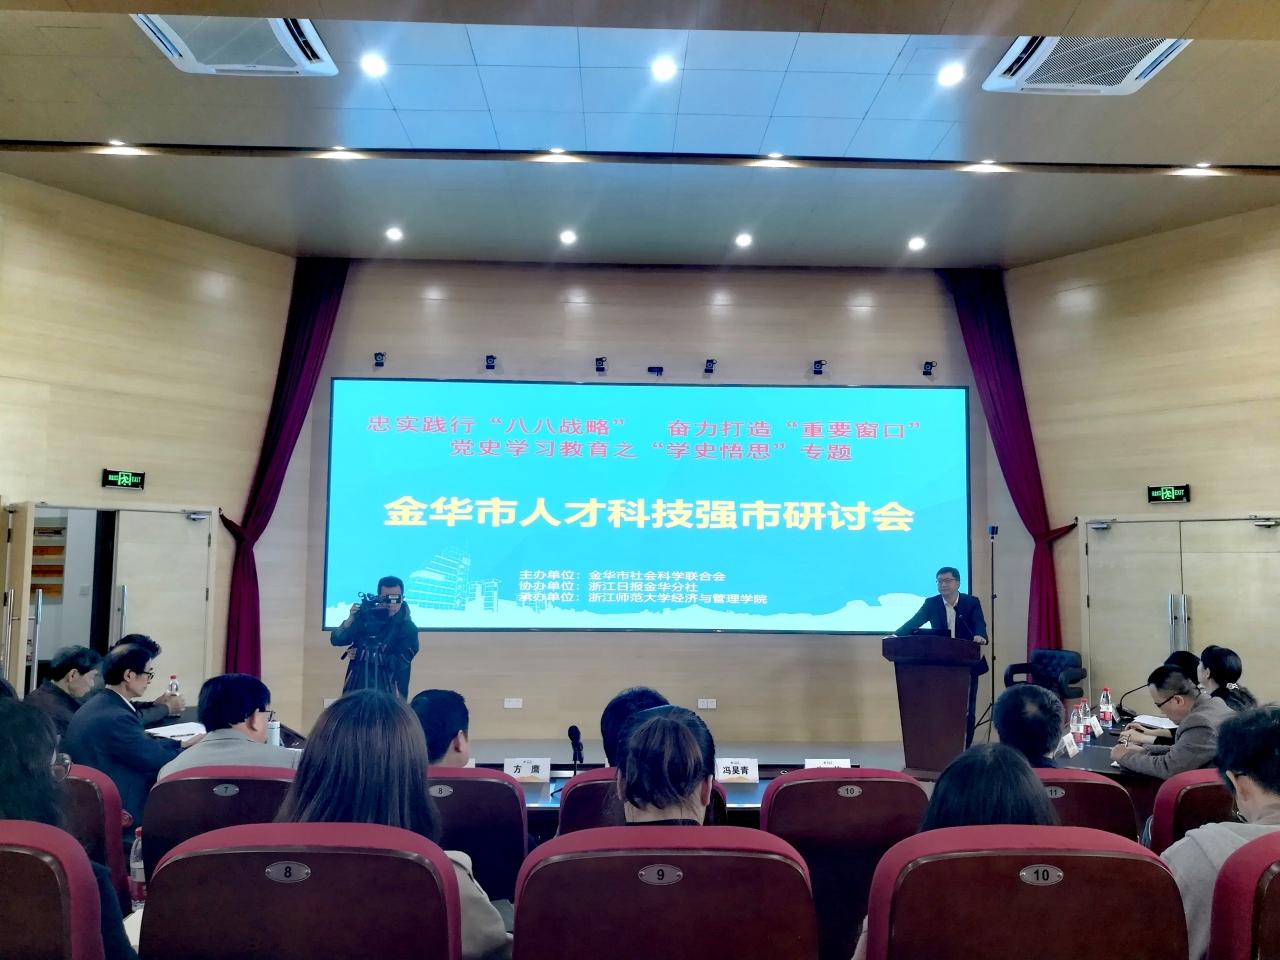 金华市人才科技强市研讨会在浙师大召开